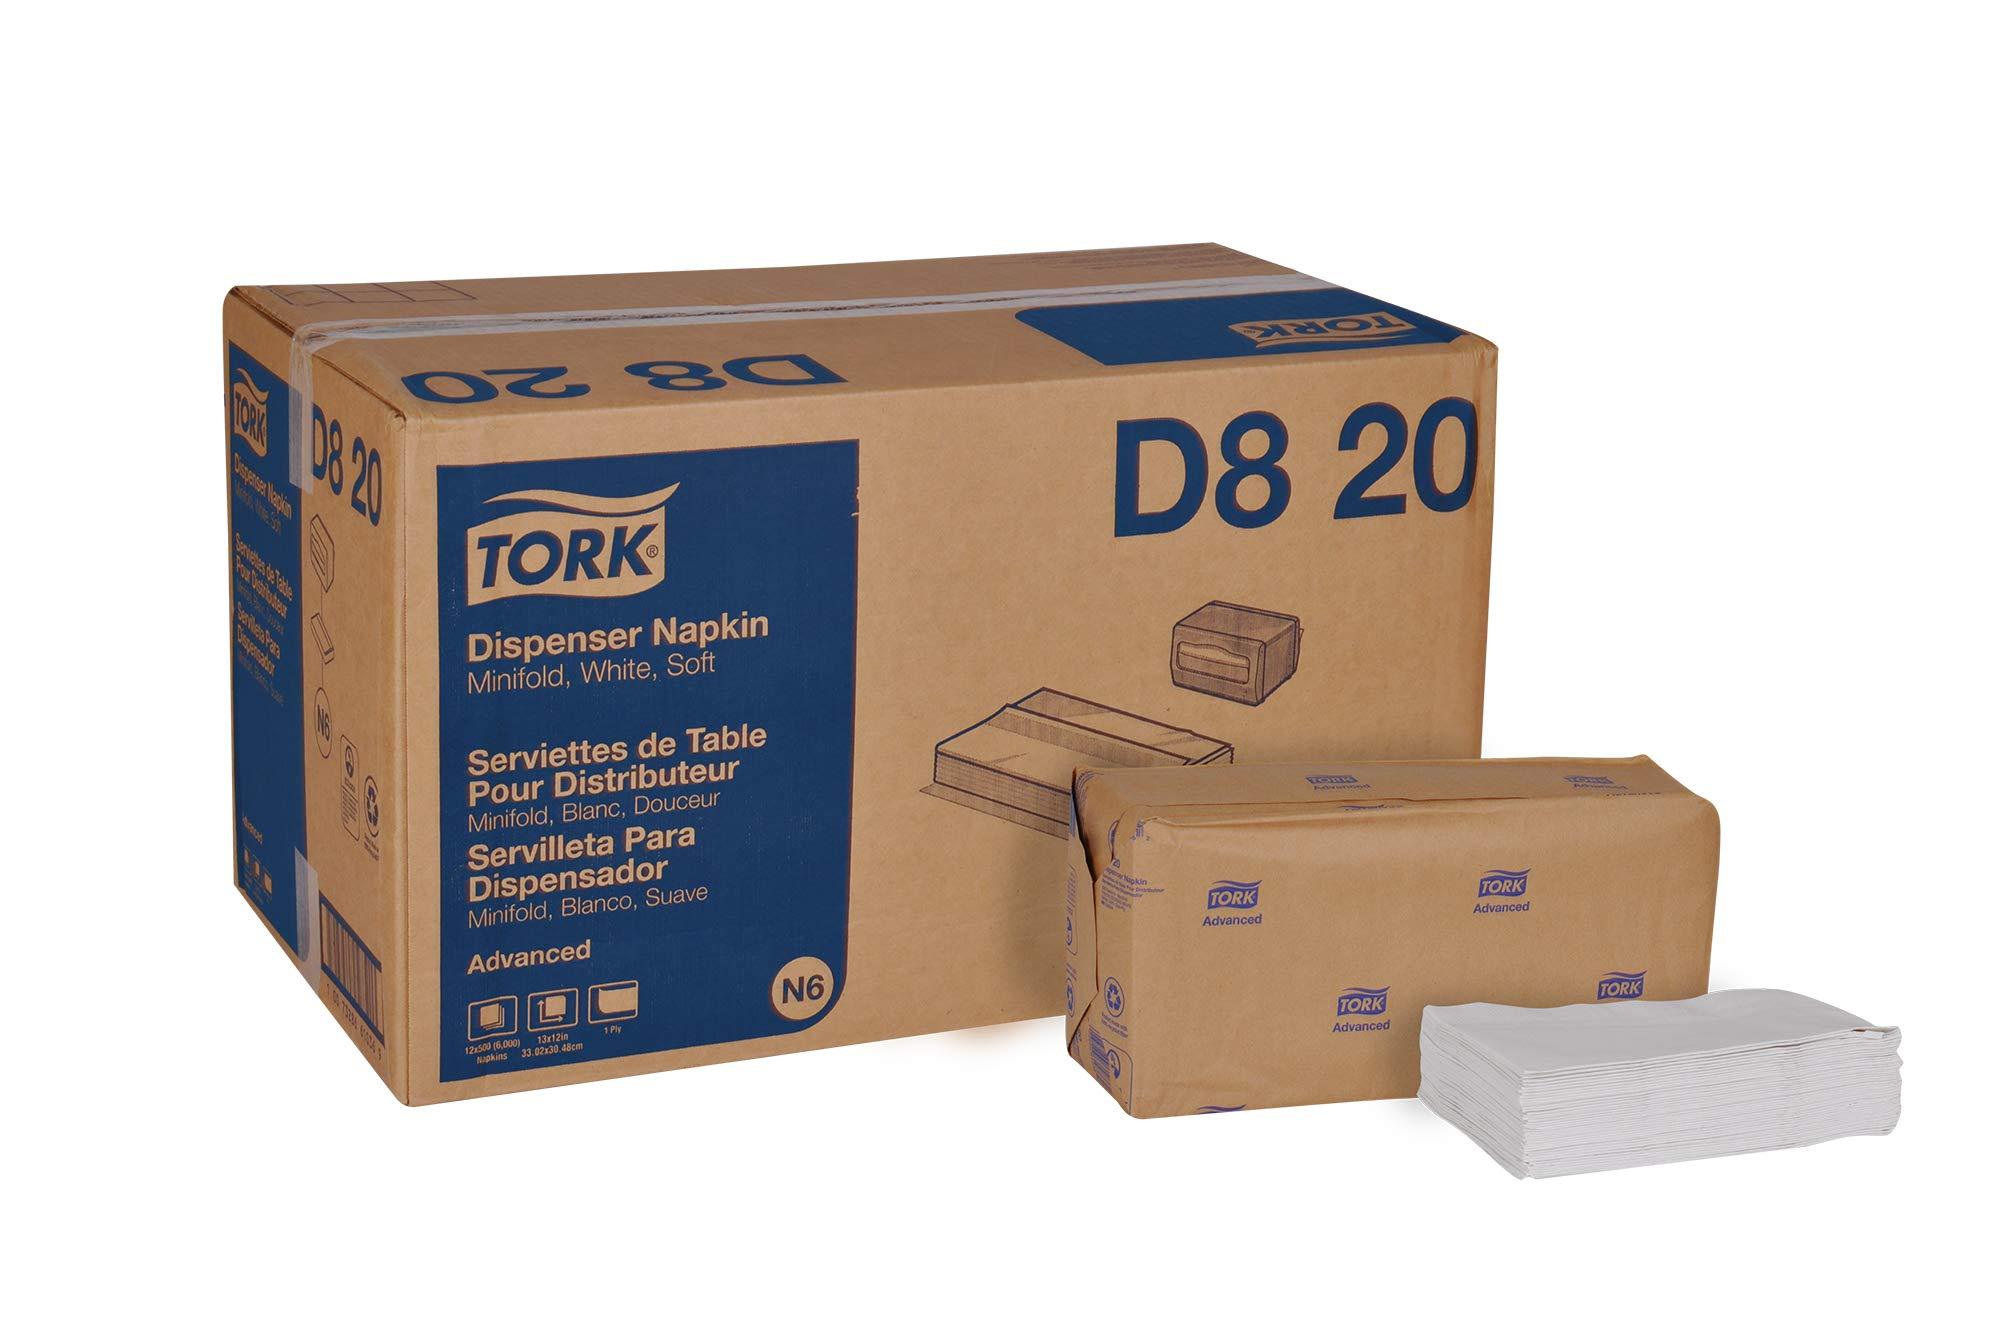 Tork Advanced Soft D820 Minifold Dispenser Napkin, 1-Ply, 13'' Width x 12'' Length, White (Case of 12 Packs, 500 per Pack, 6,000 Napkins)